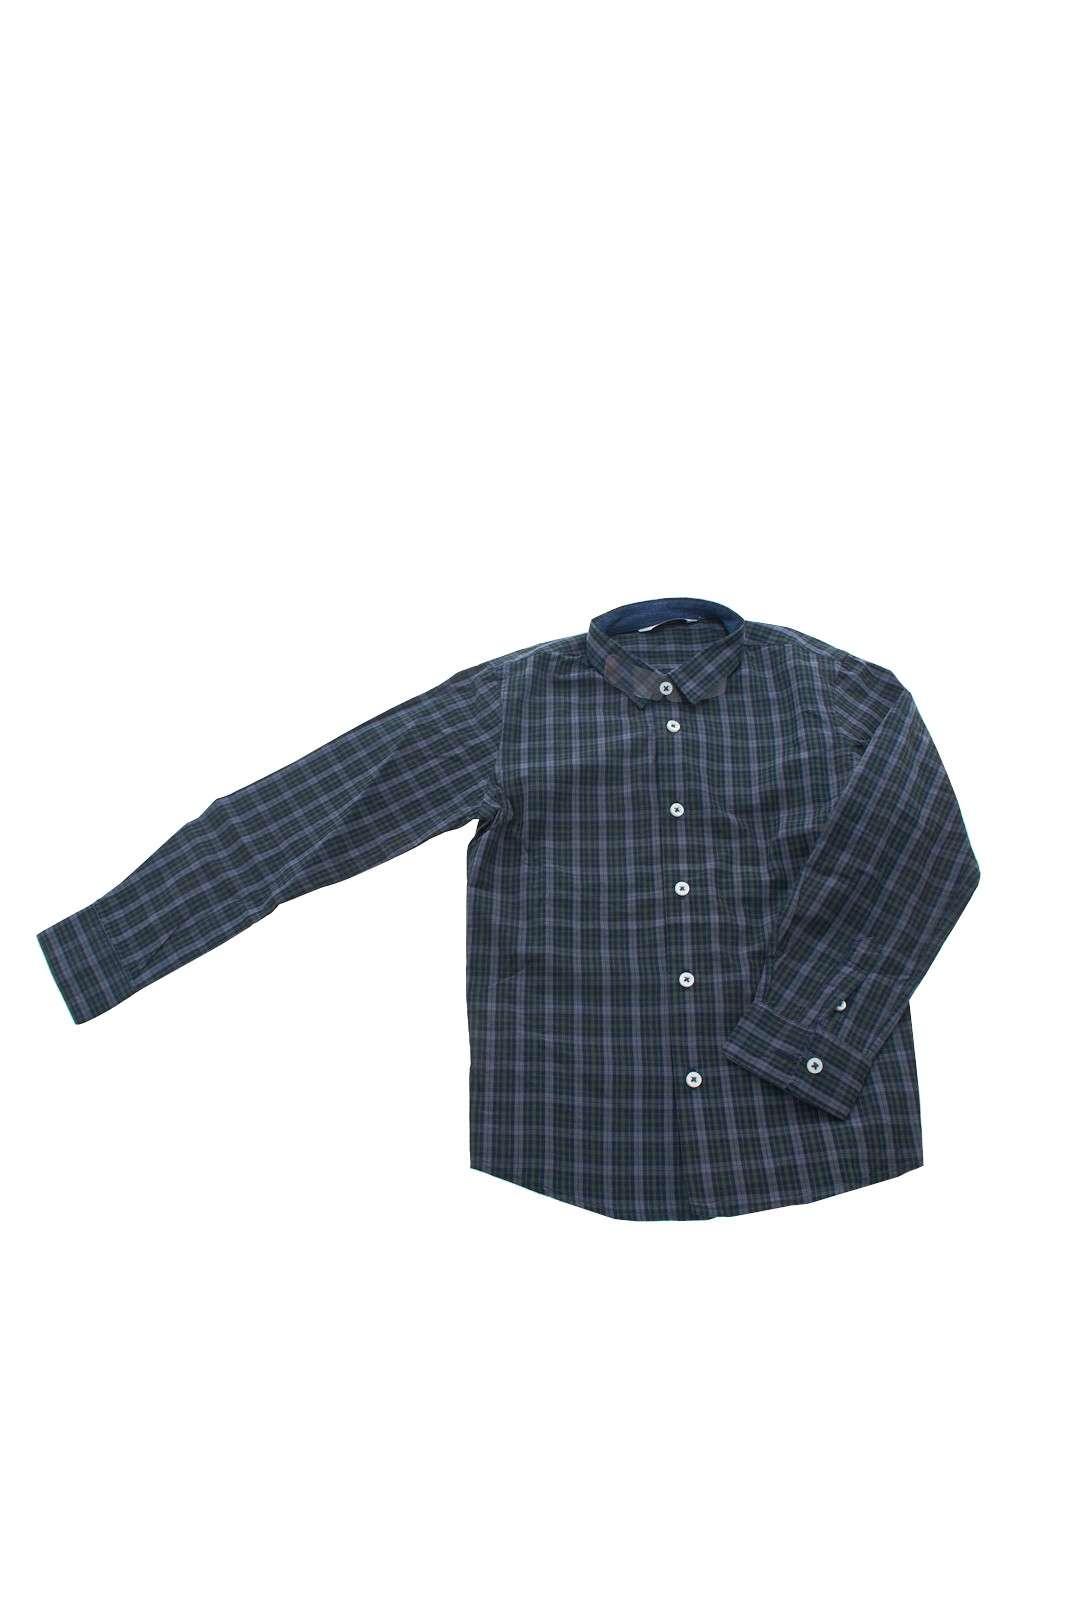 Un capo immancabile nel guardaroba maschile e un essential in ogni stagione. E' Ideale da indossare sia con un jeans sia con un pantalone per outfit davvero impeccabili. La camicia è in 100% Cotone ed è firmata Manuel Ritz.